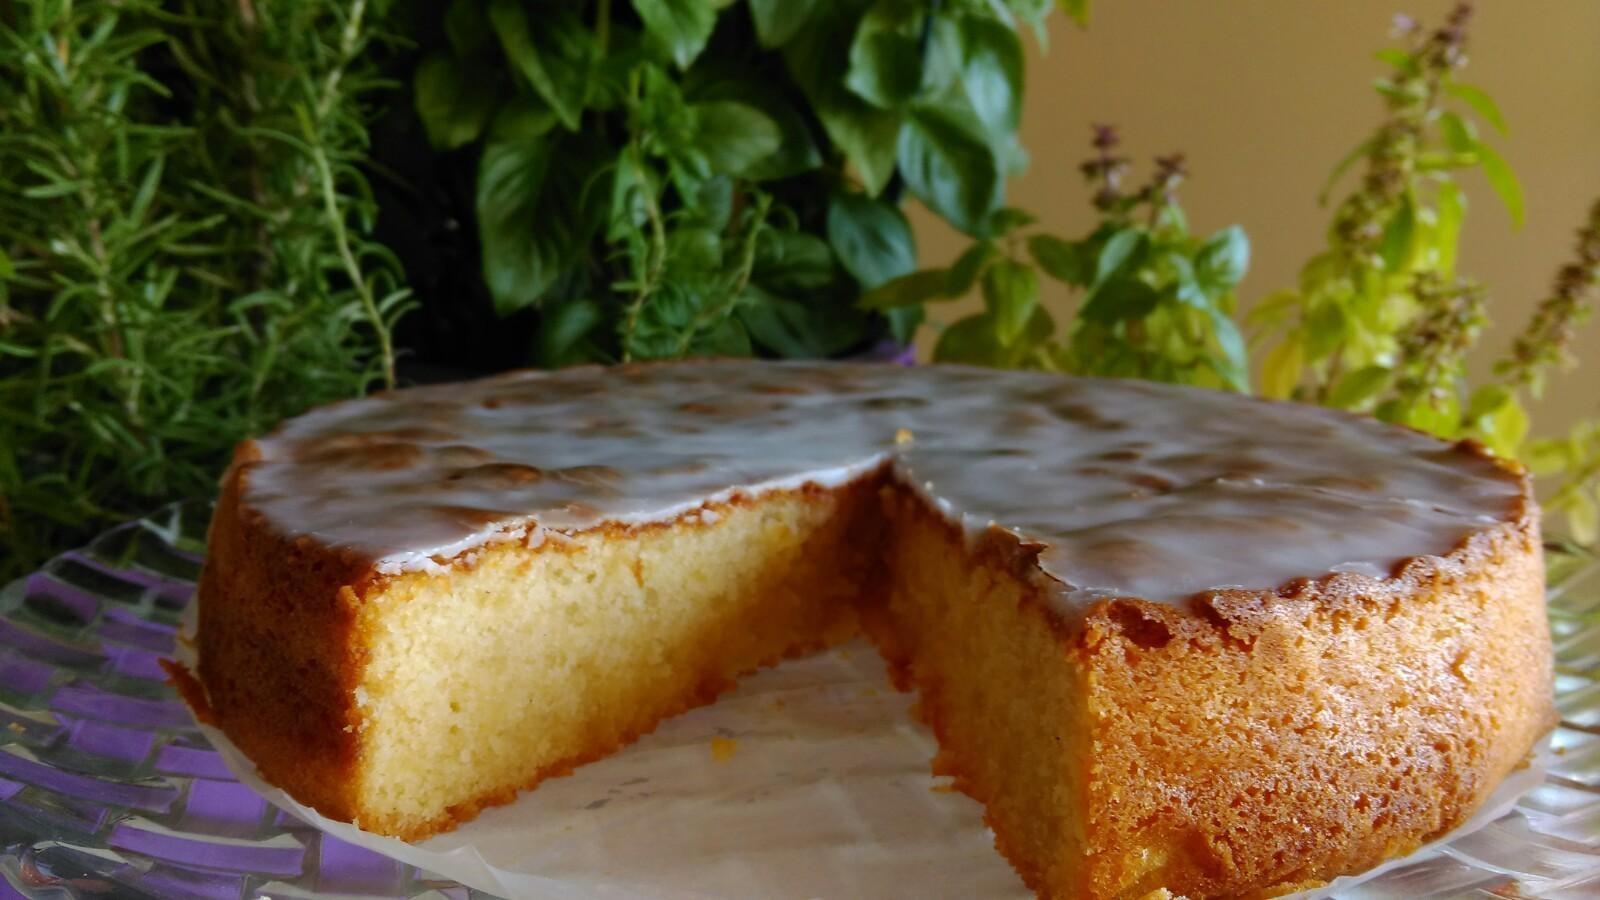 Συνταγή για Σουηδική Τάρτα ή Κέικ του Μαζαρίνου